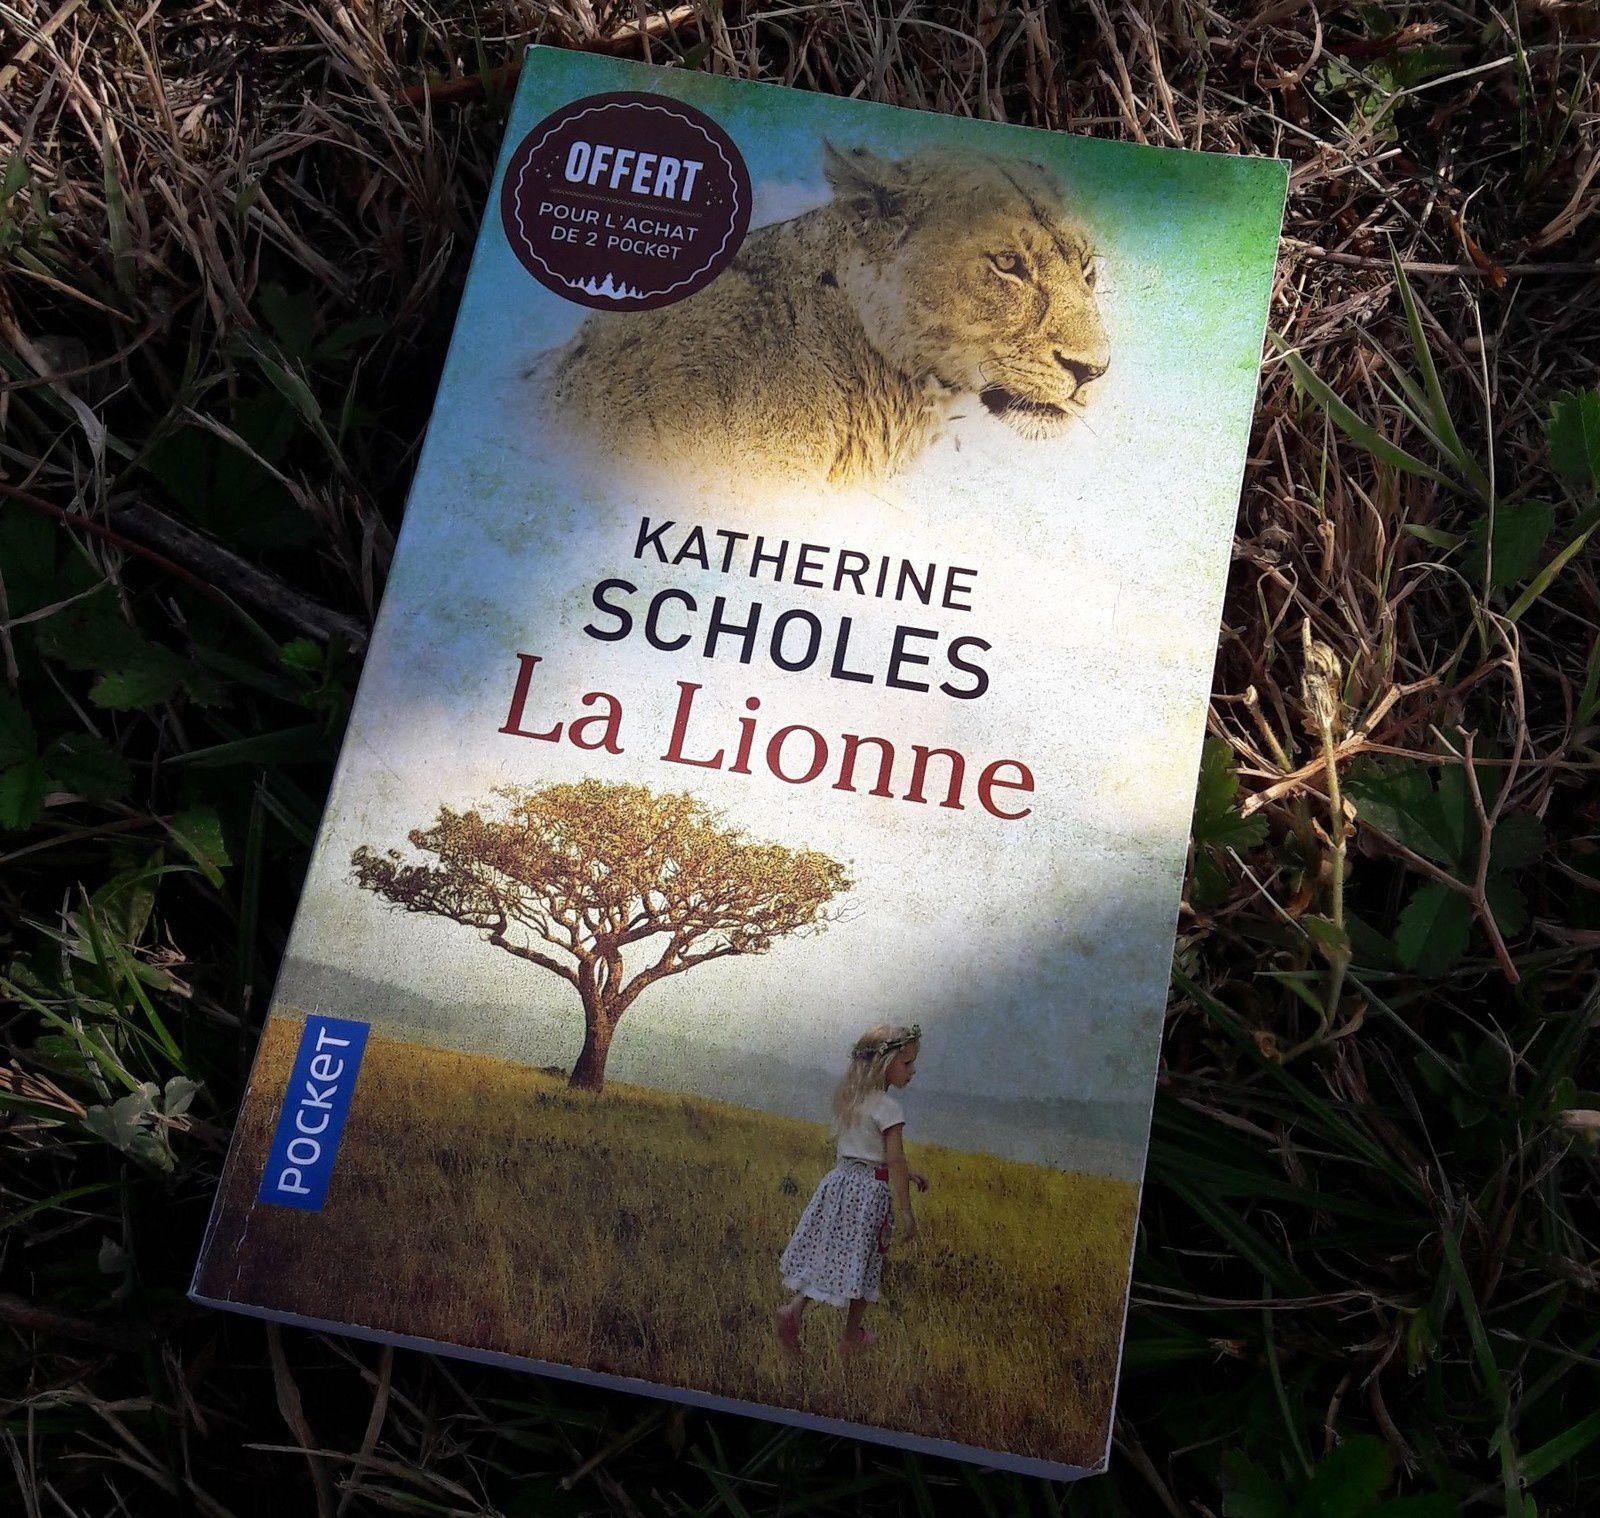 La Lionne, livre de Katherine Scholes